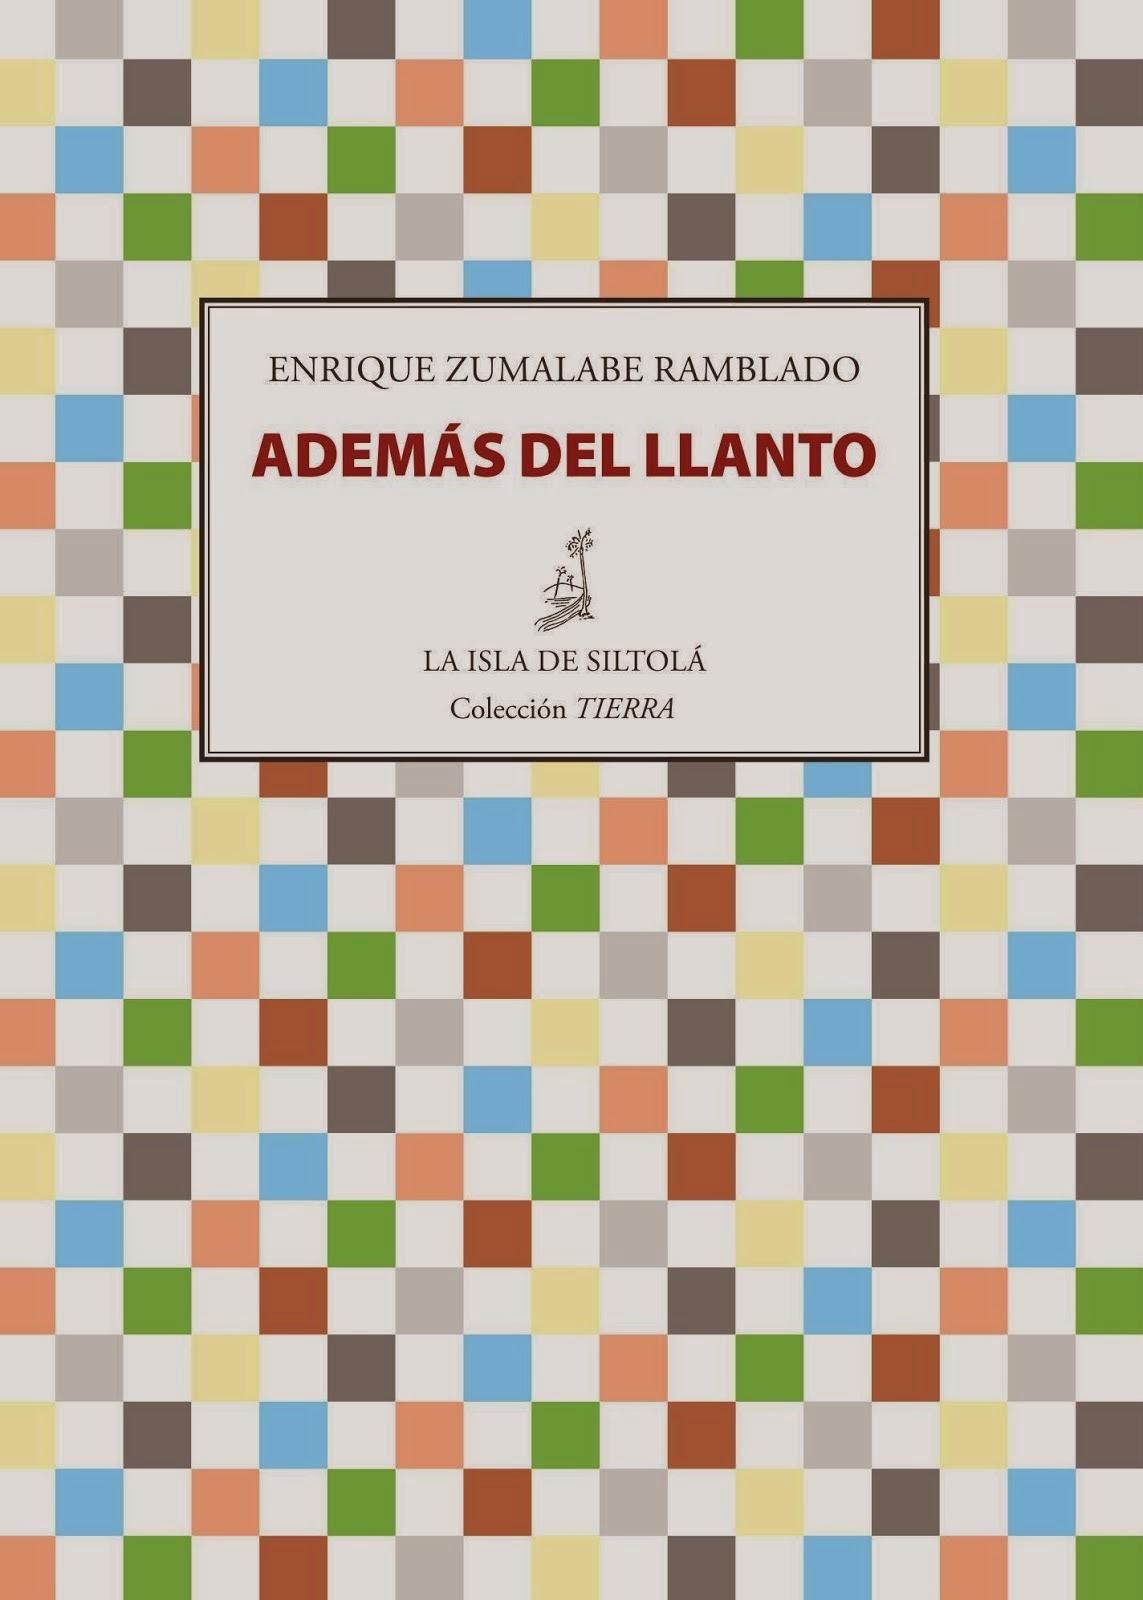 http://encuentrosconlasletras.blogspot.com.es/2015/03/enrique-zumalabe-ademas-del-llanto.html